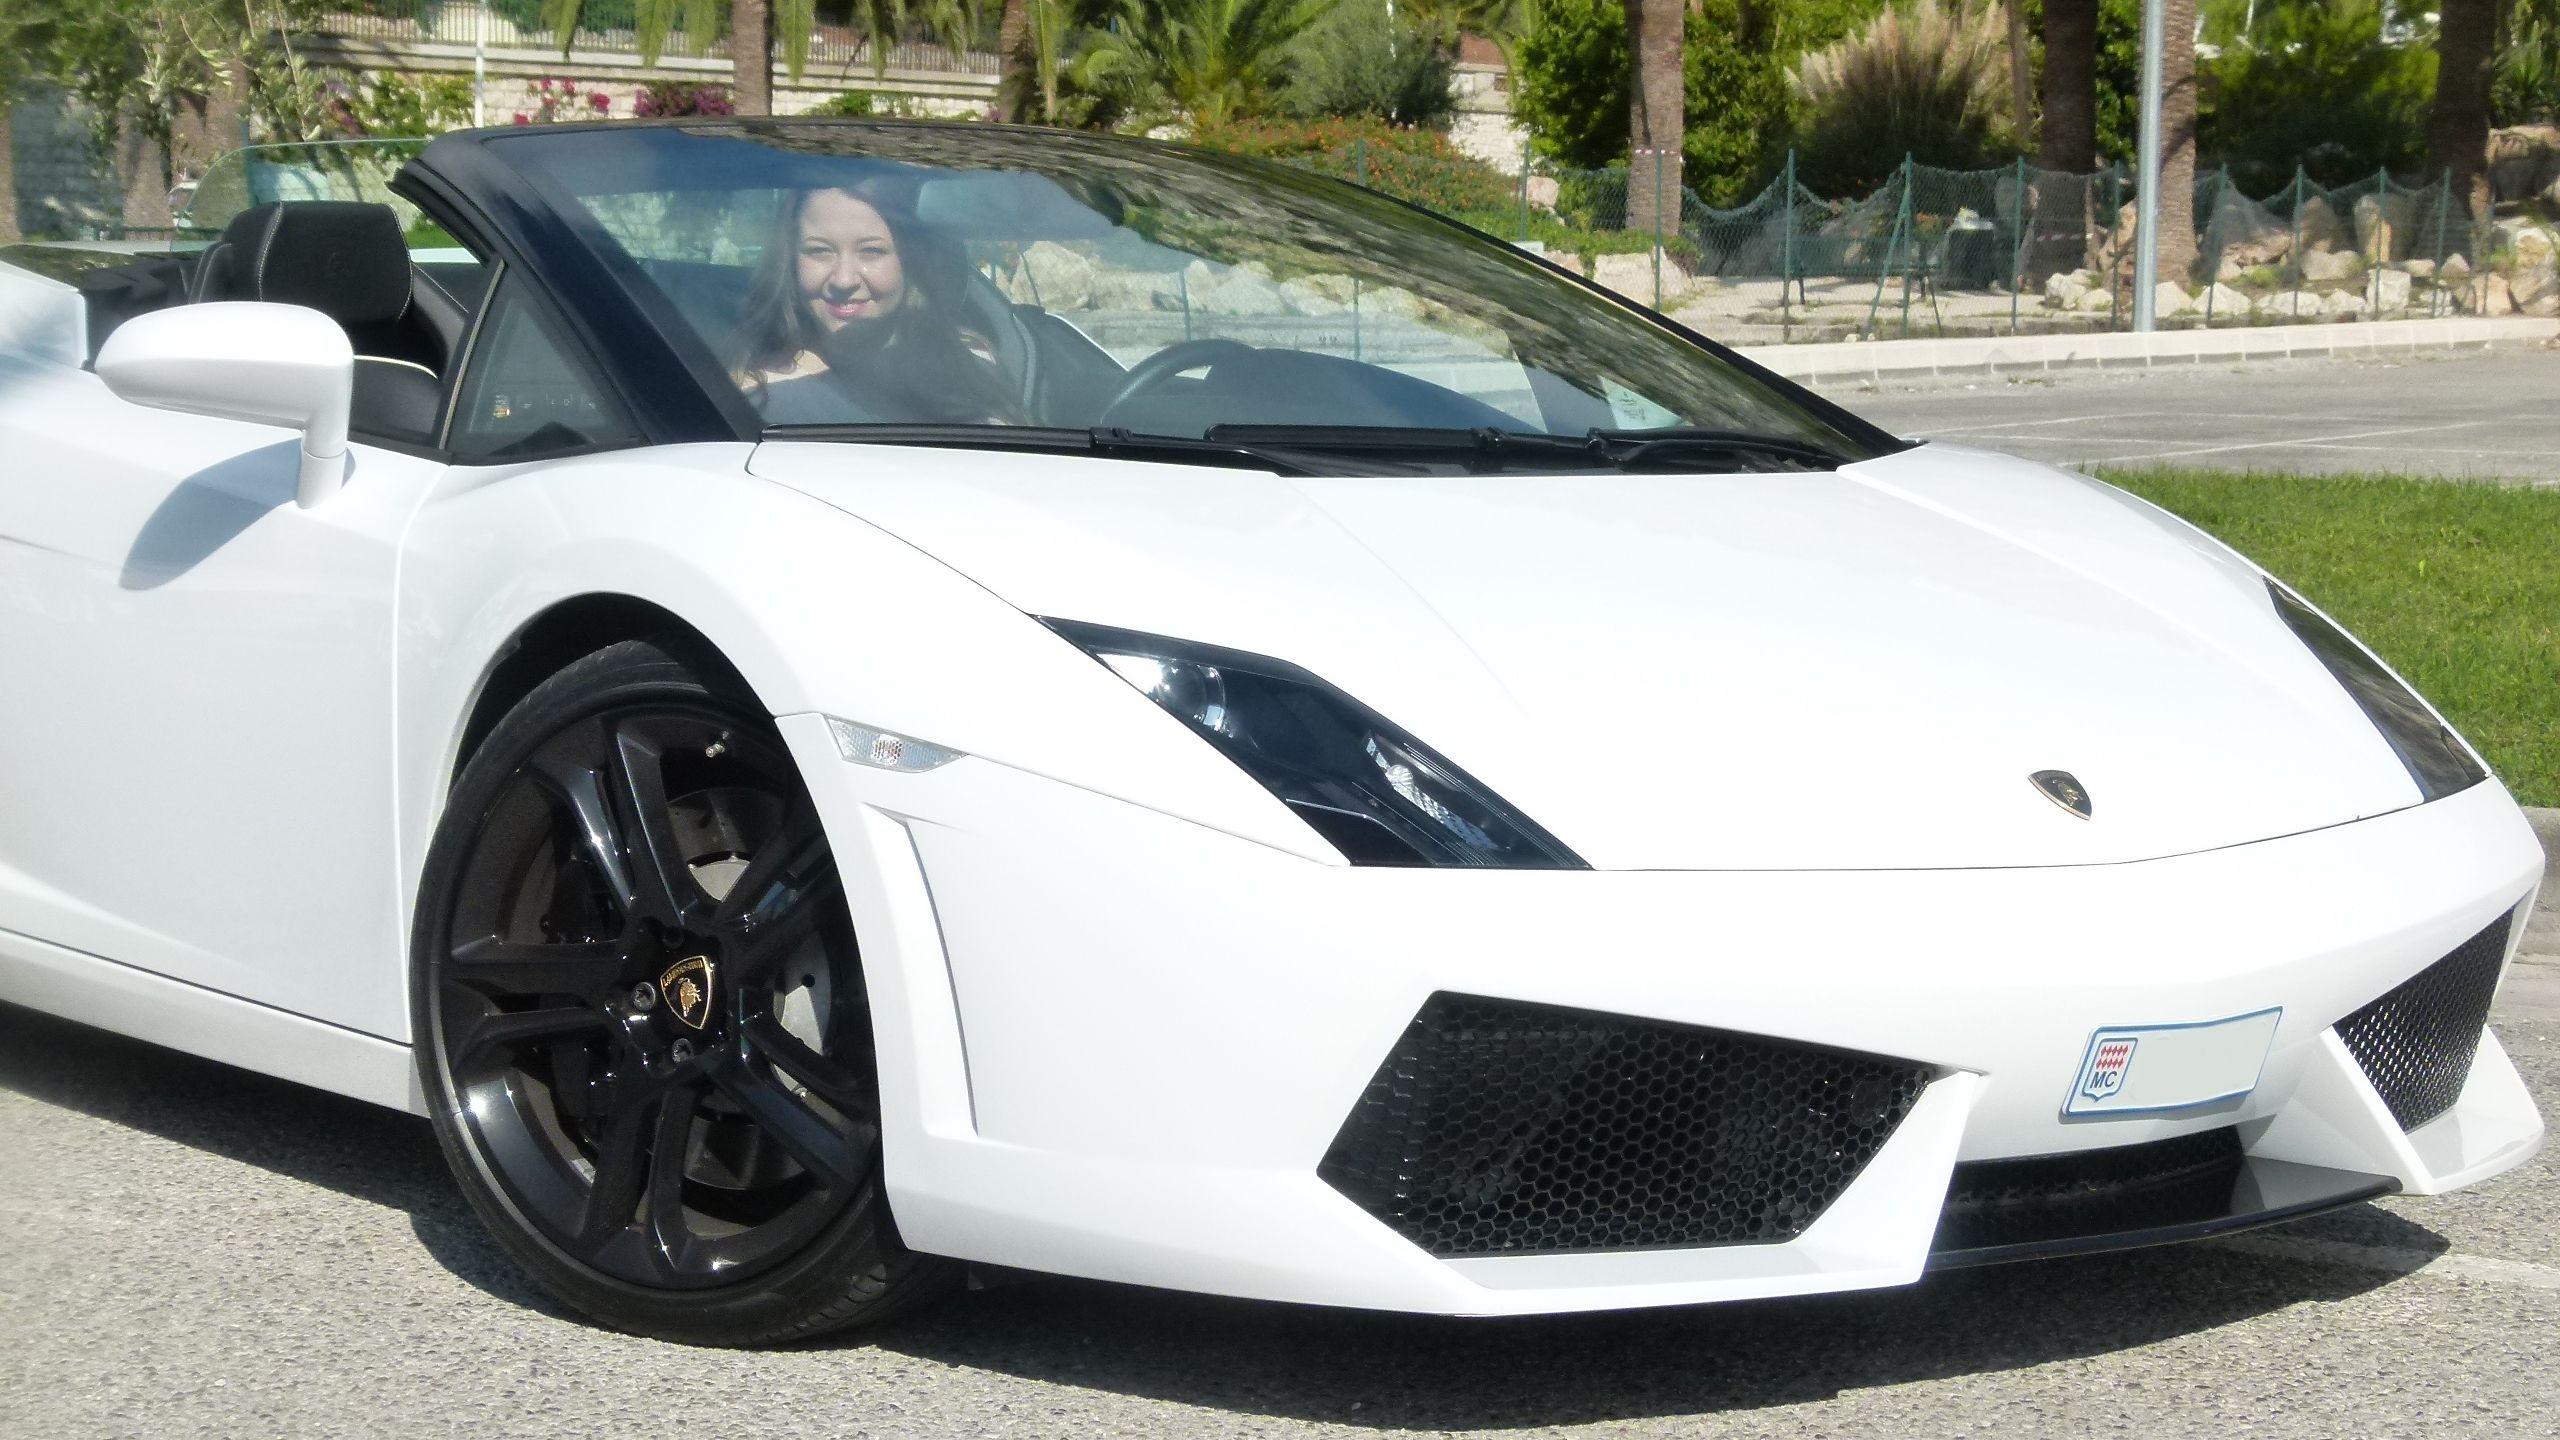 Woman driving a Lamborghini in Monaco